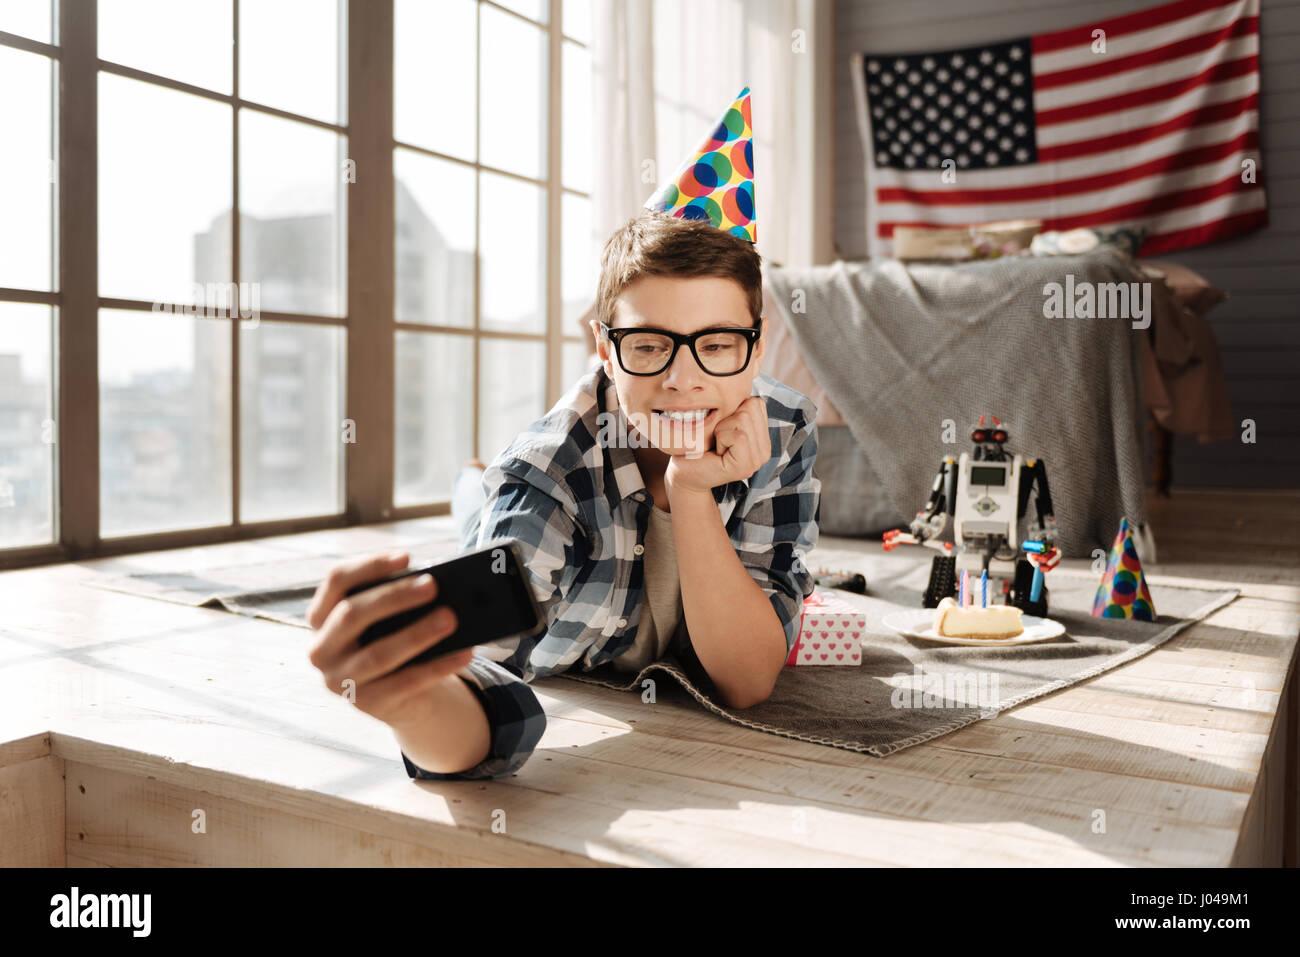 Attraente giovane maschio persona avente festa di compleanno Immagini Stock